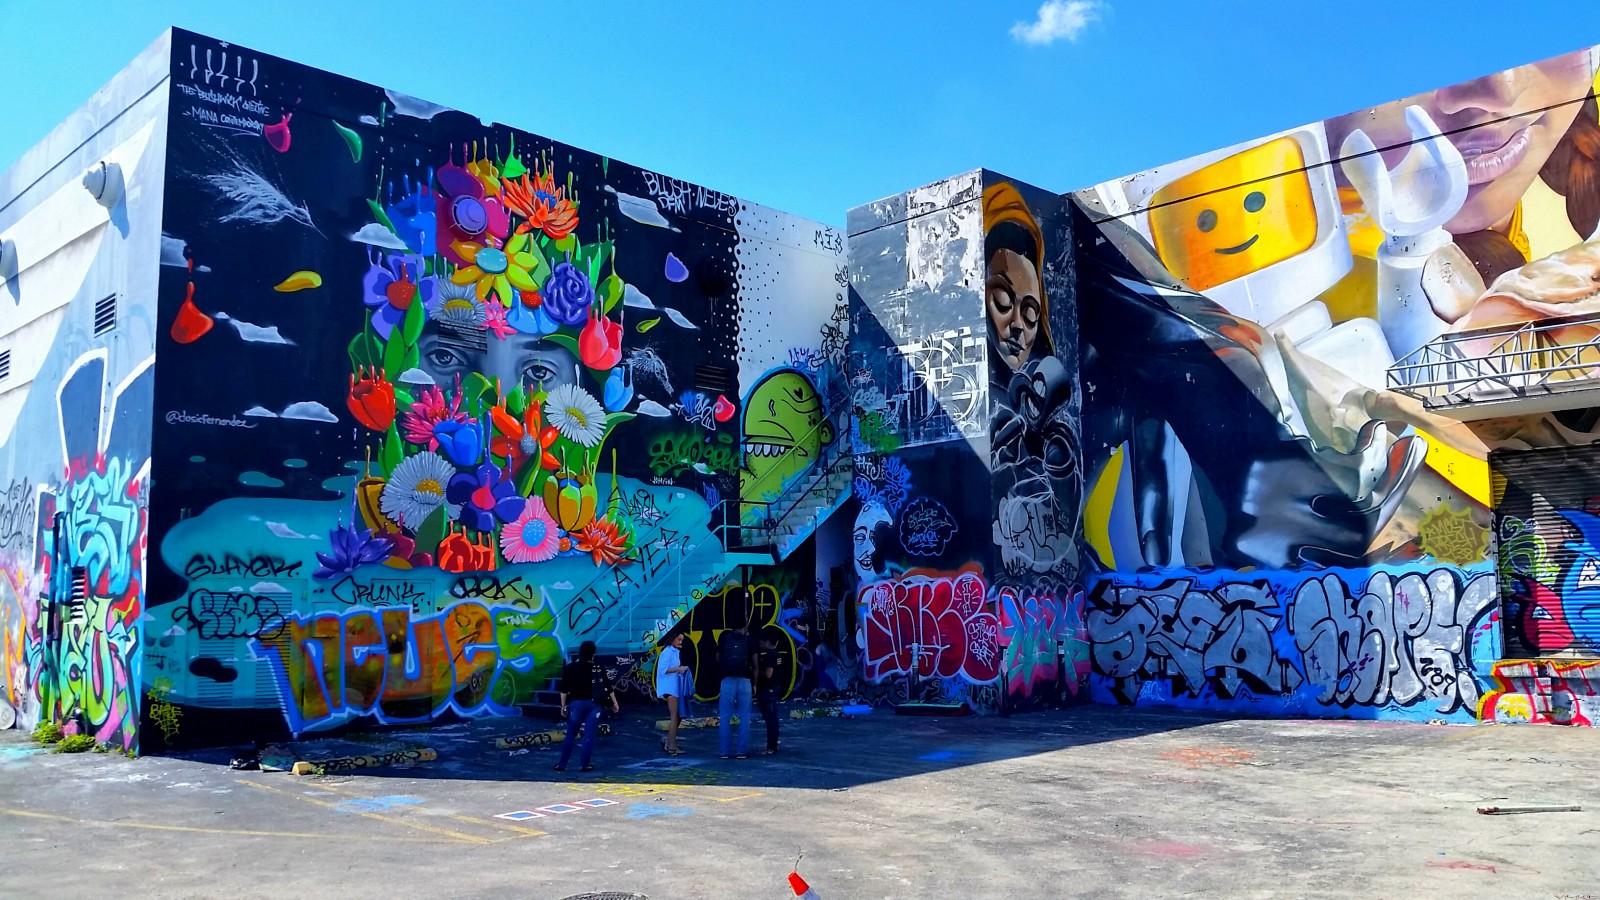 Honda VFR Wynwod Walls building graffiti